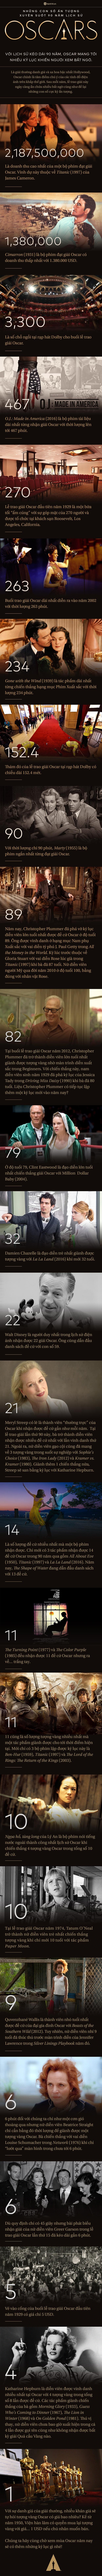 Giải thưởng danh giá Oscar và những con số biết nói xuyên suốt 90 năm lịch sử - Ảnh 1.